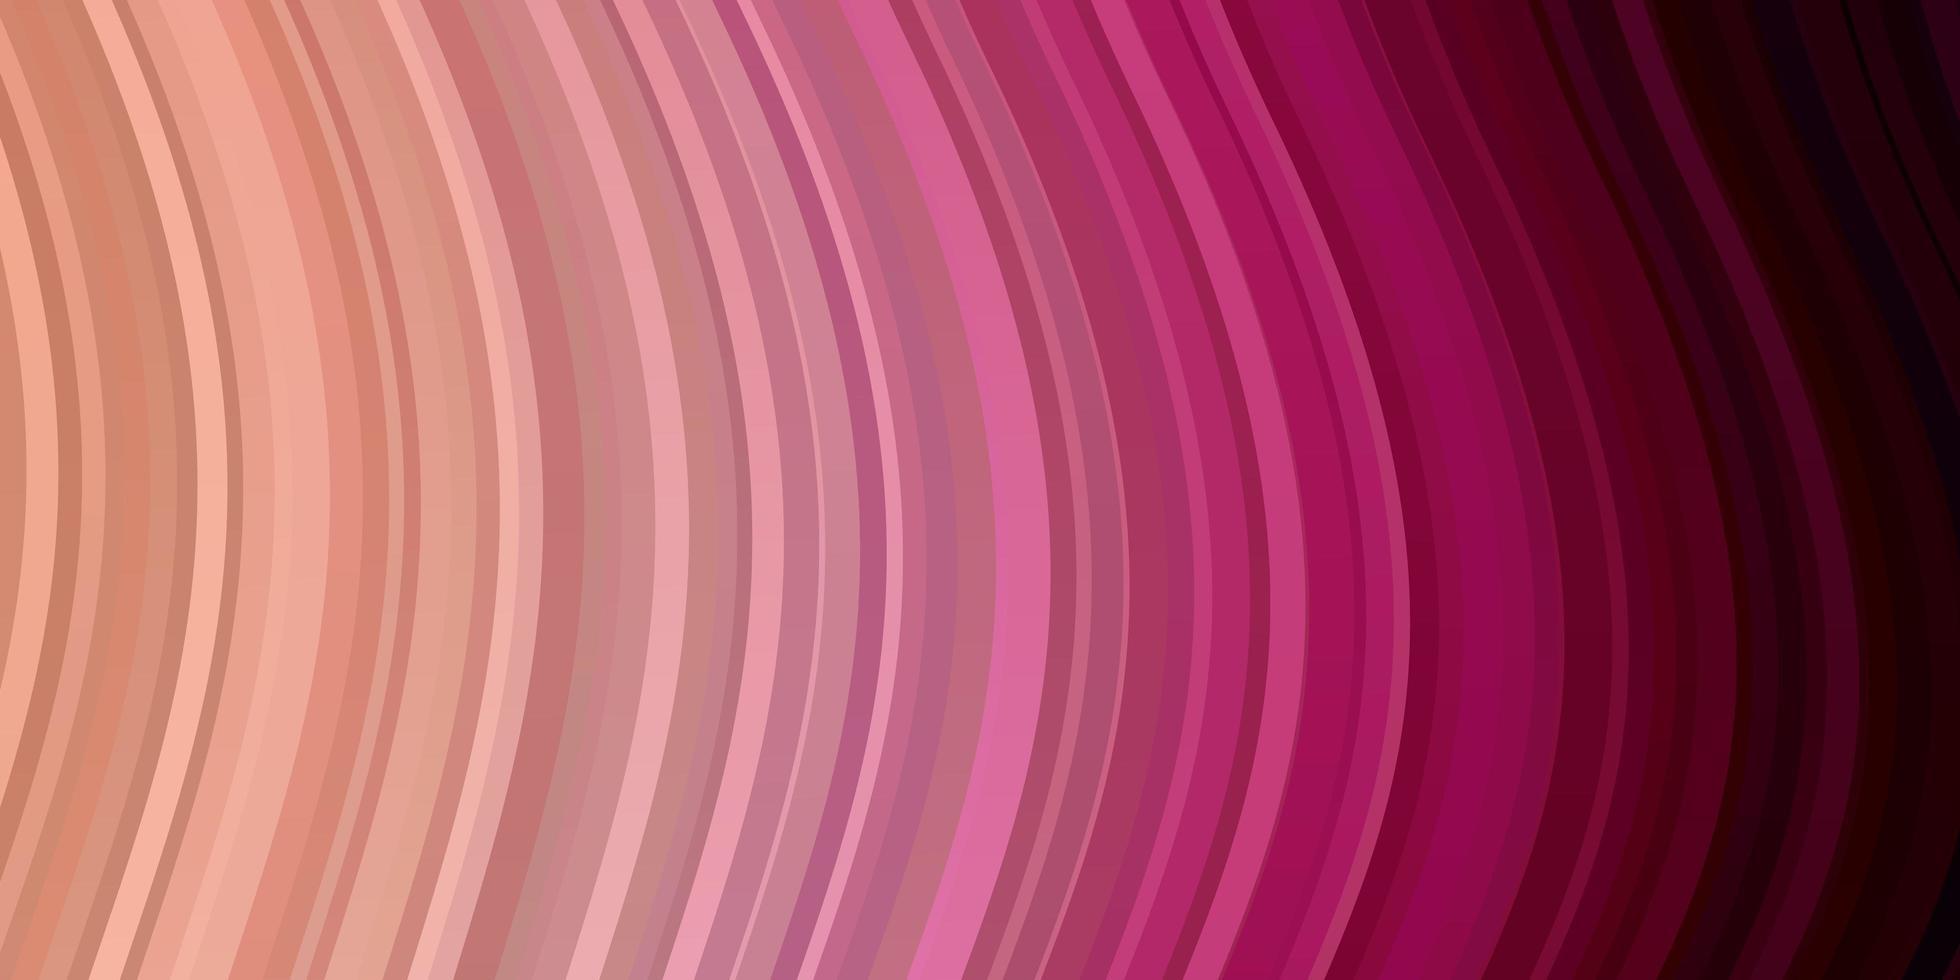 sfondo vettoriale rosa chiaro con linee piegate.